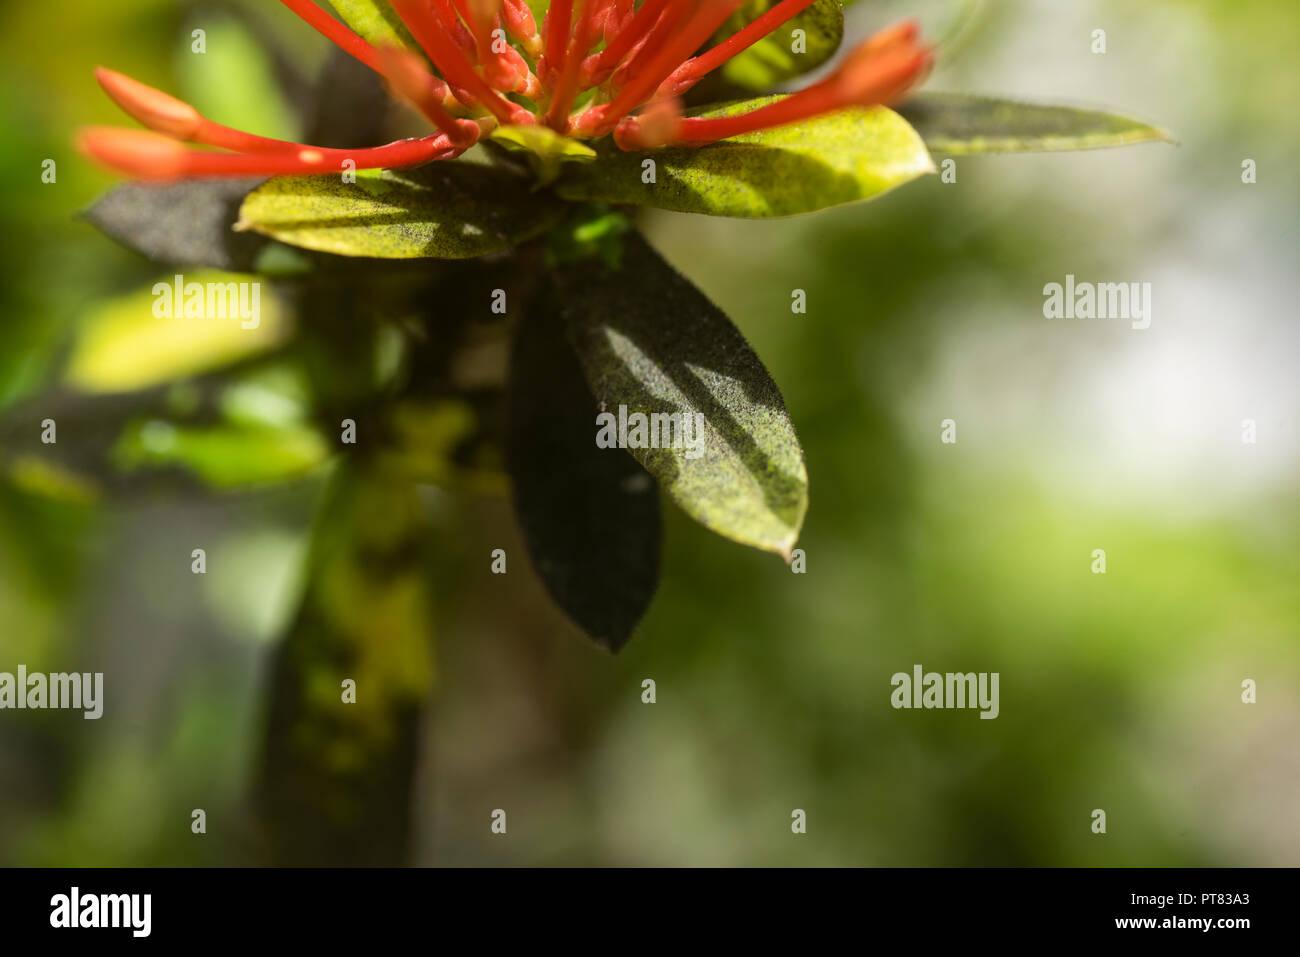 Schwarzen rußigen Schimmel auf die Blätter eines Ixora chinensis Blatt Stockbild